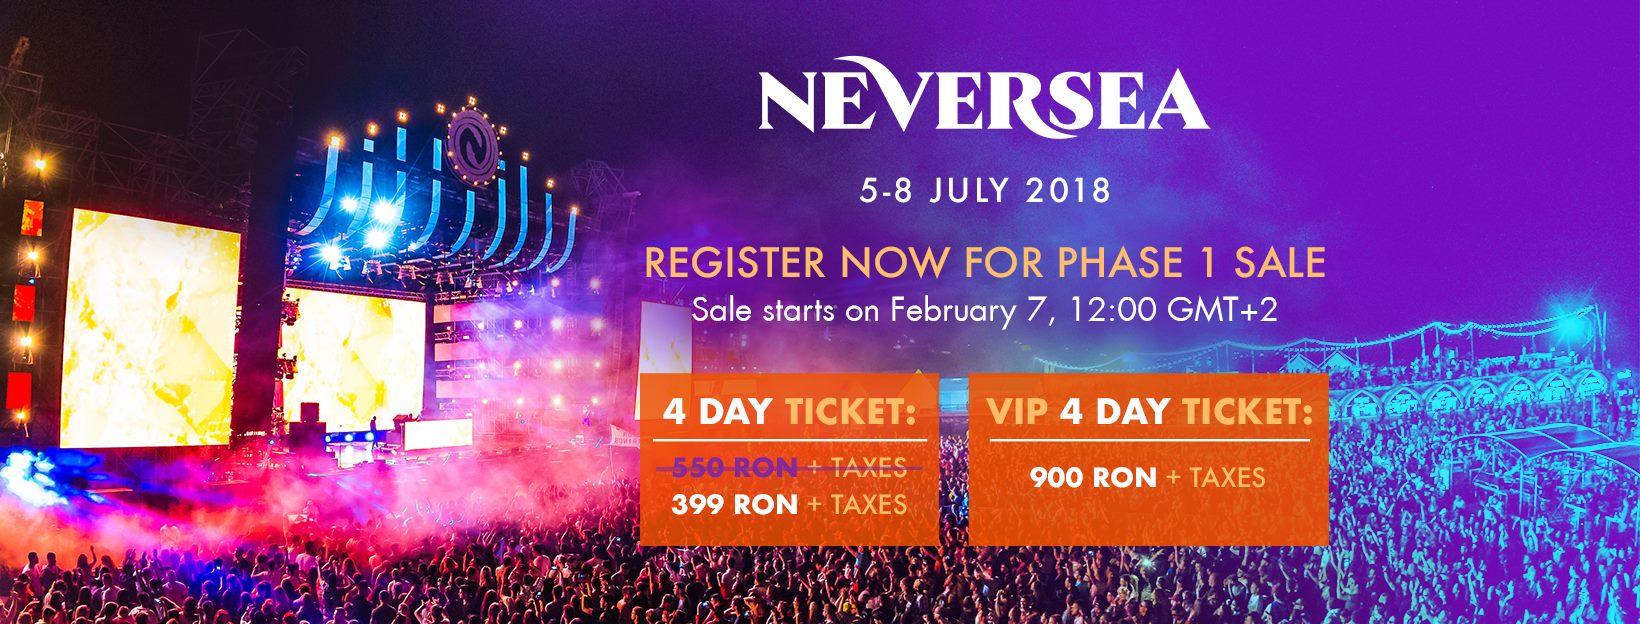 Patru zile şi patru nopţi de distracţie la editia a 2-a NEVERSEA, 5-8 iulie 2018! AFTERMOVIE OFICIAL 2017